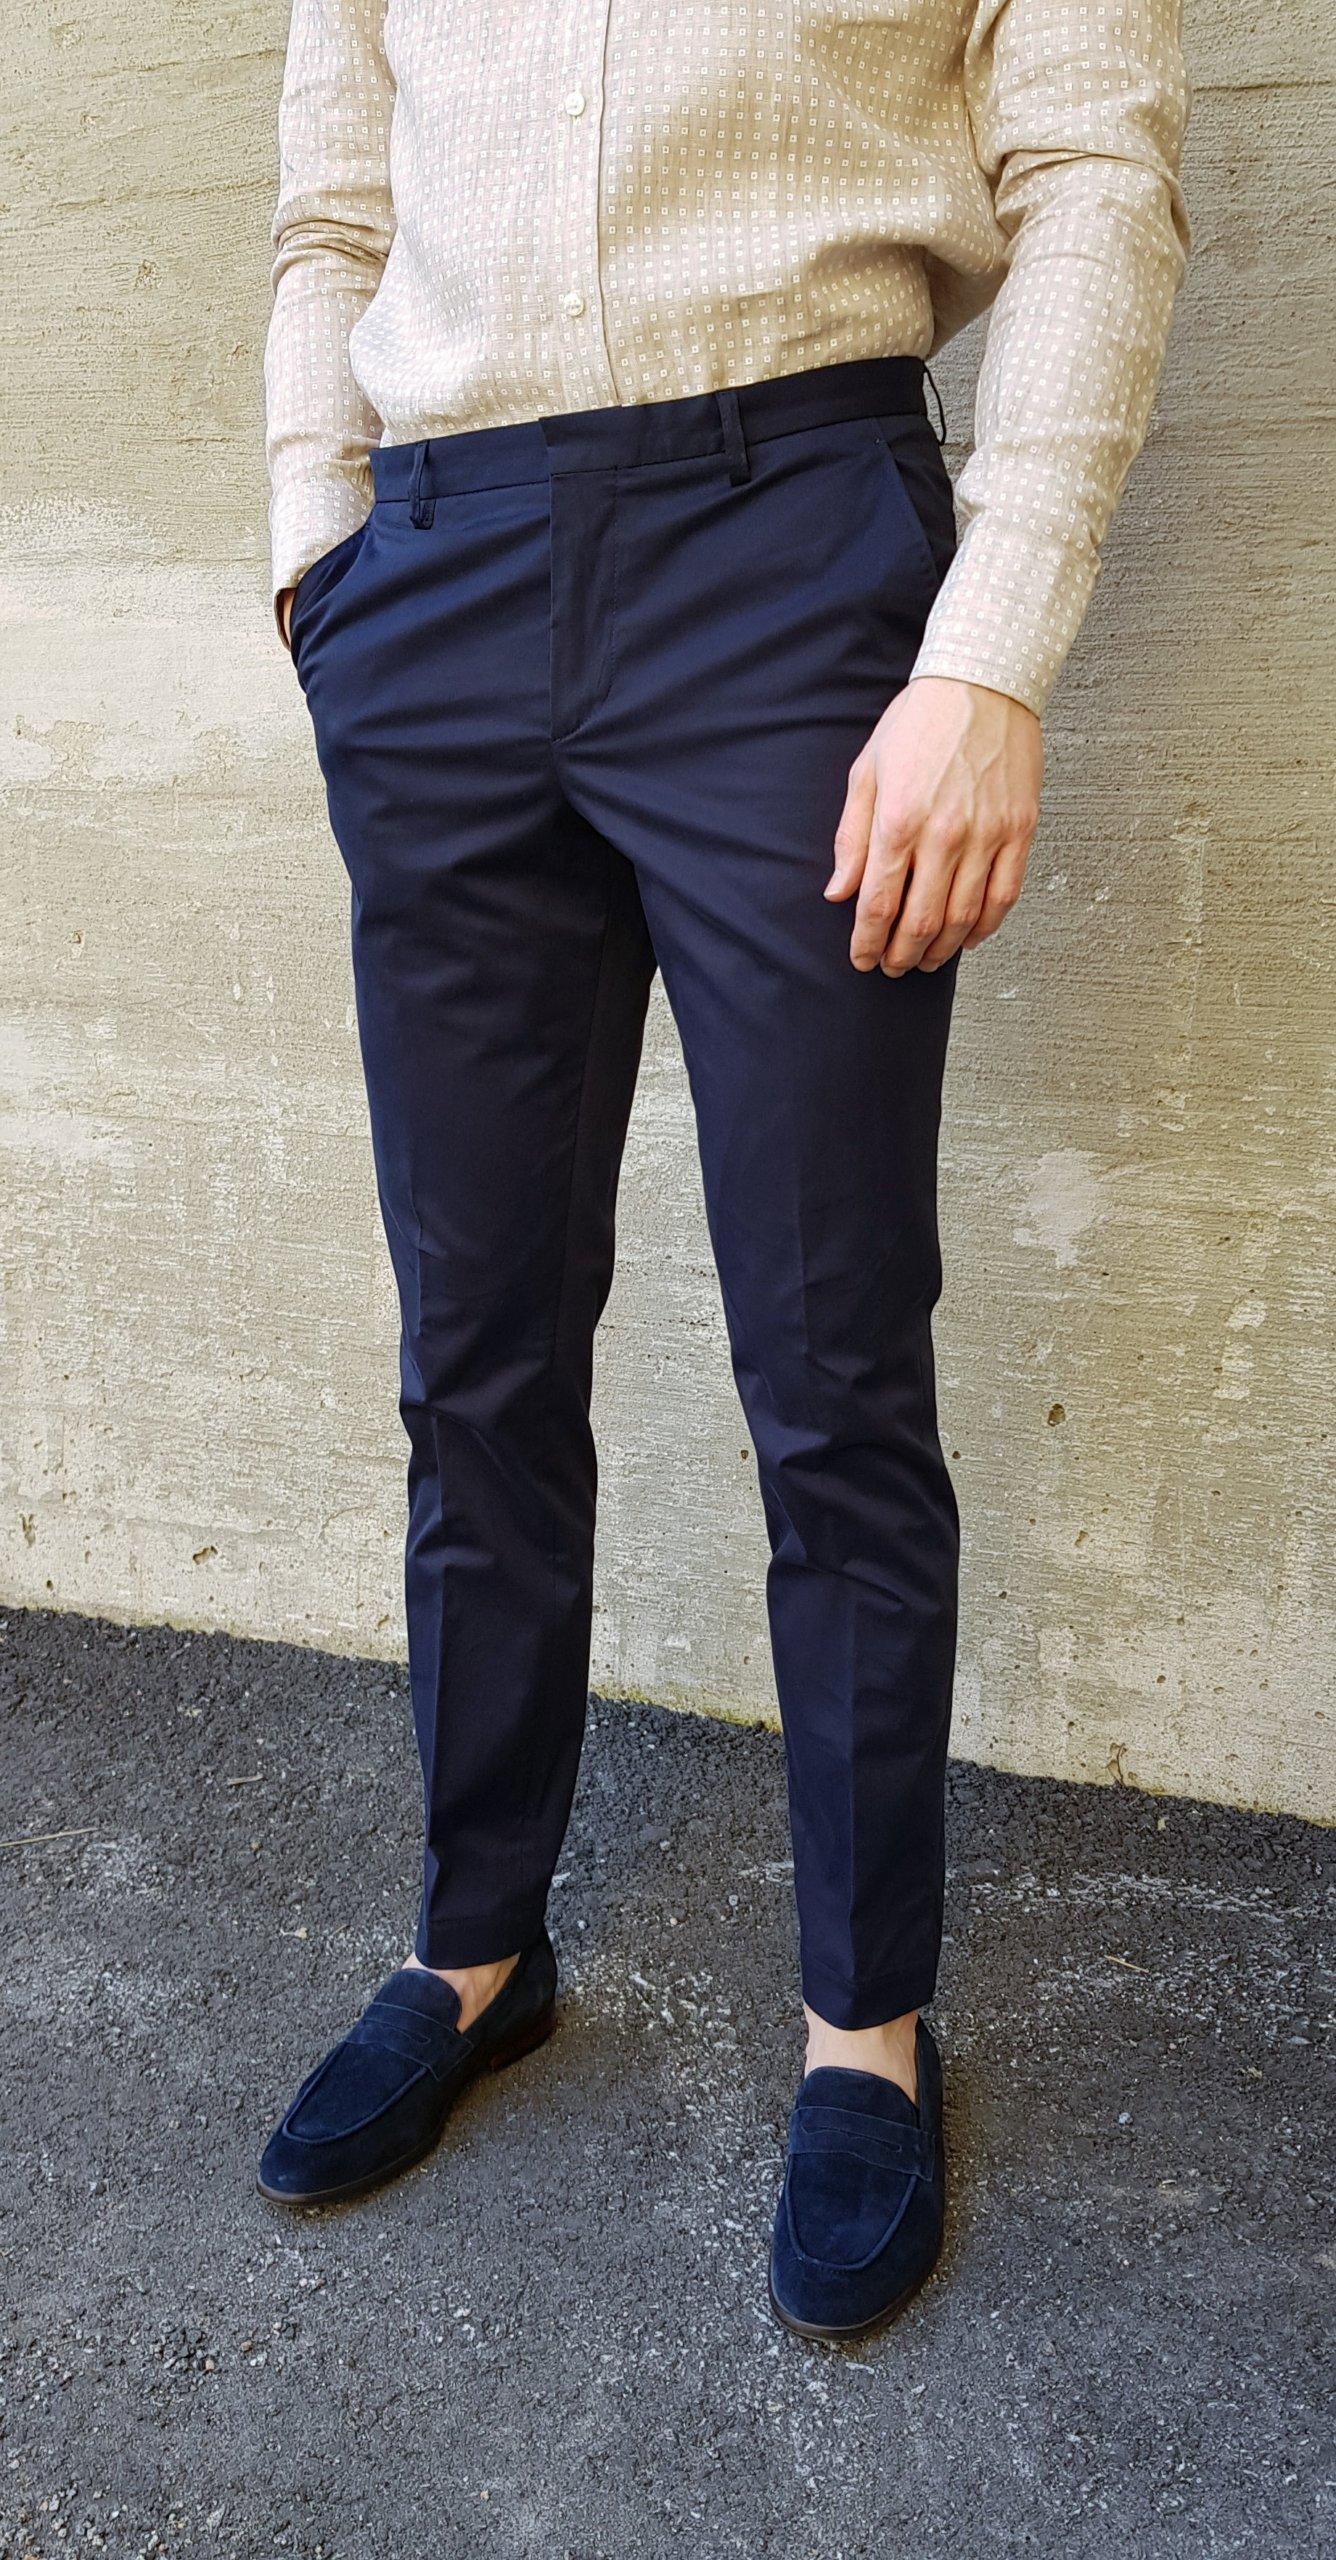 Miesten housut jyväskylä